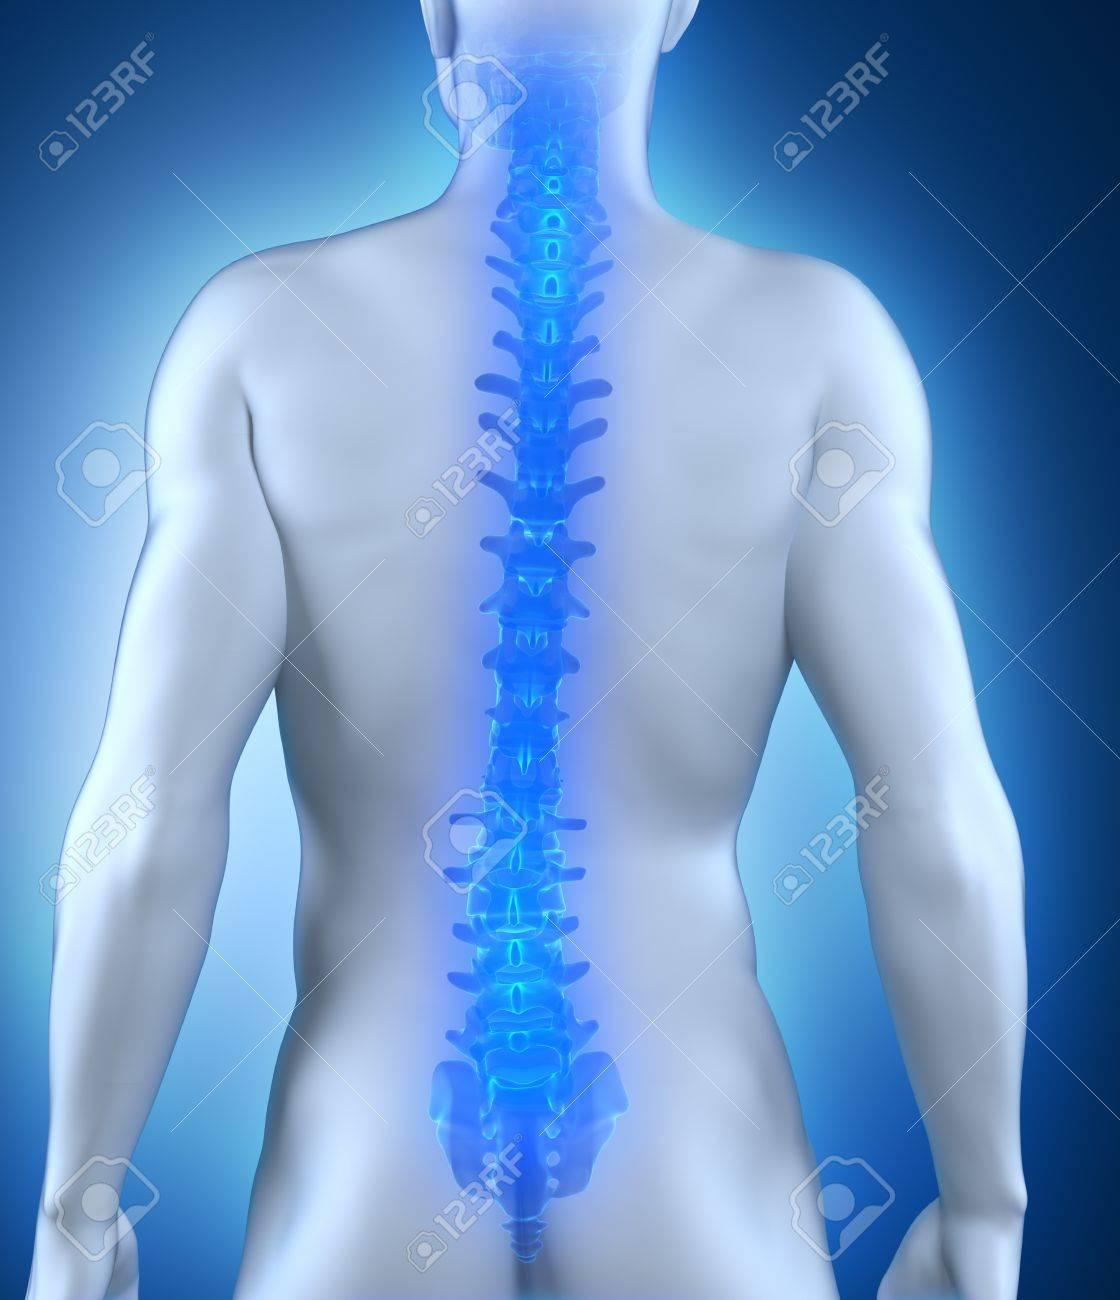 Menschlichen Wirbelsäule Anatomie Rückansicht Lizenzfreie Fotos ...